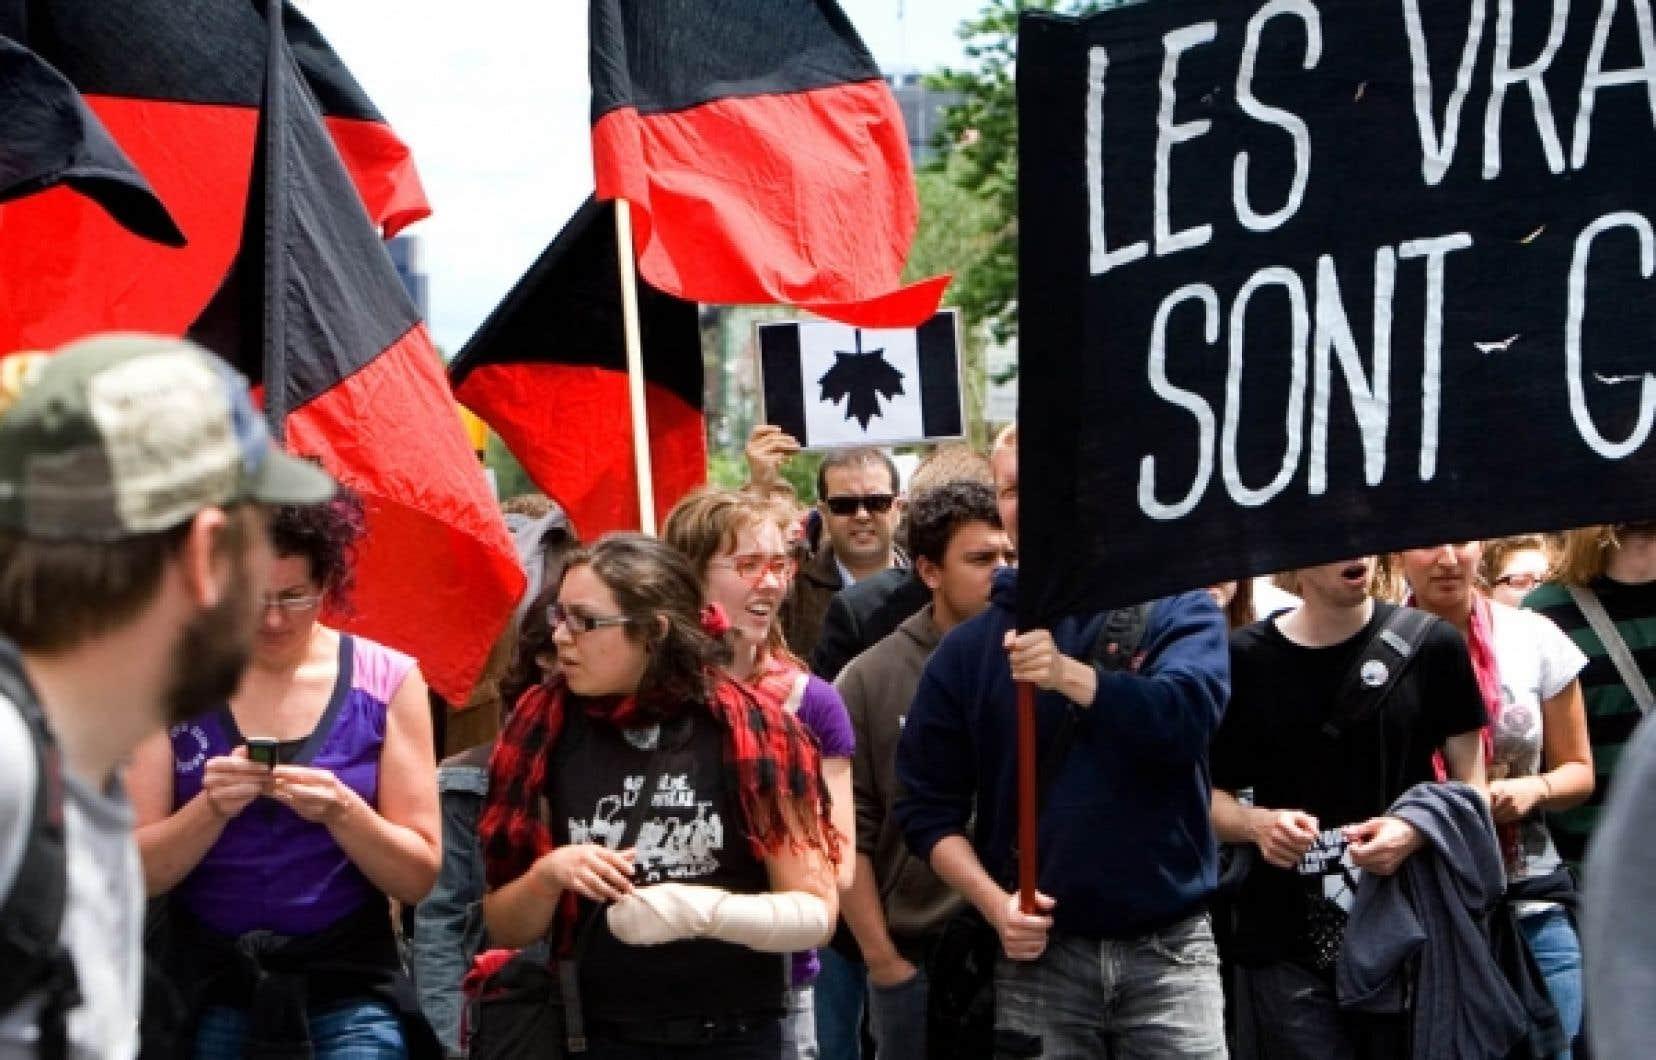 «Les vrais casseurs sont chefs d'État», pouvait-on lire sur une des pancartes que brandissaient les manifestants.<br />